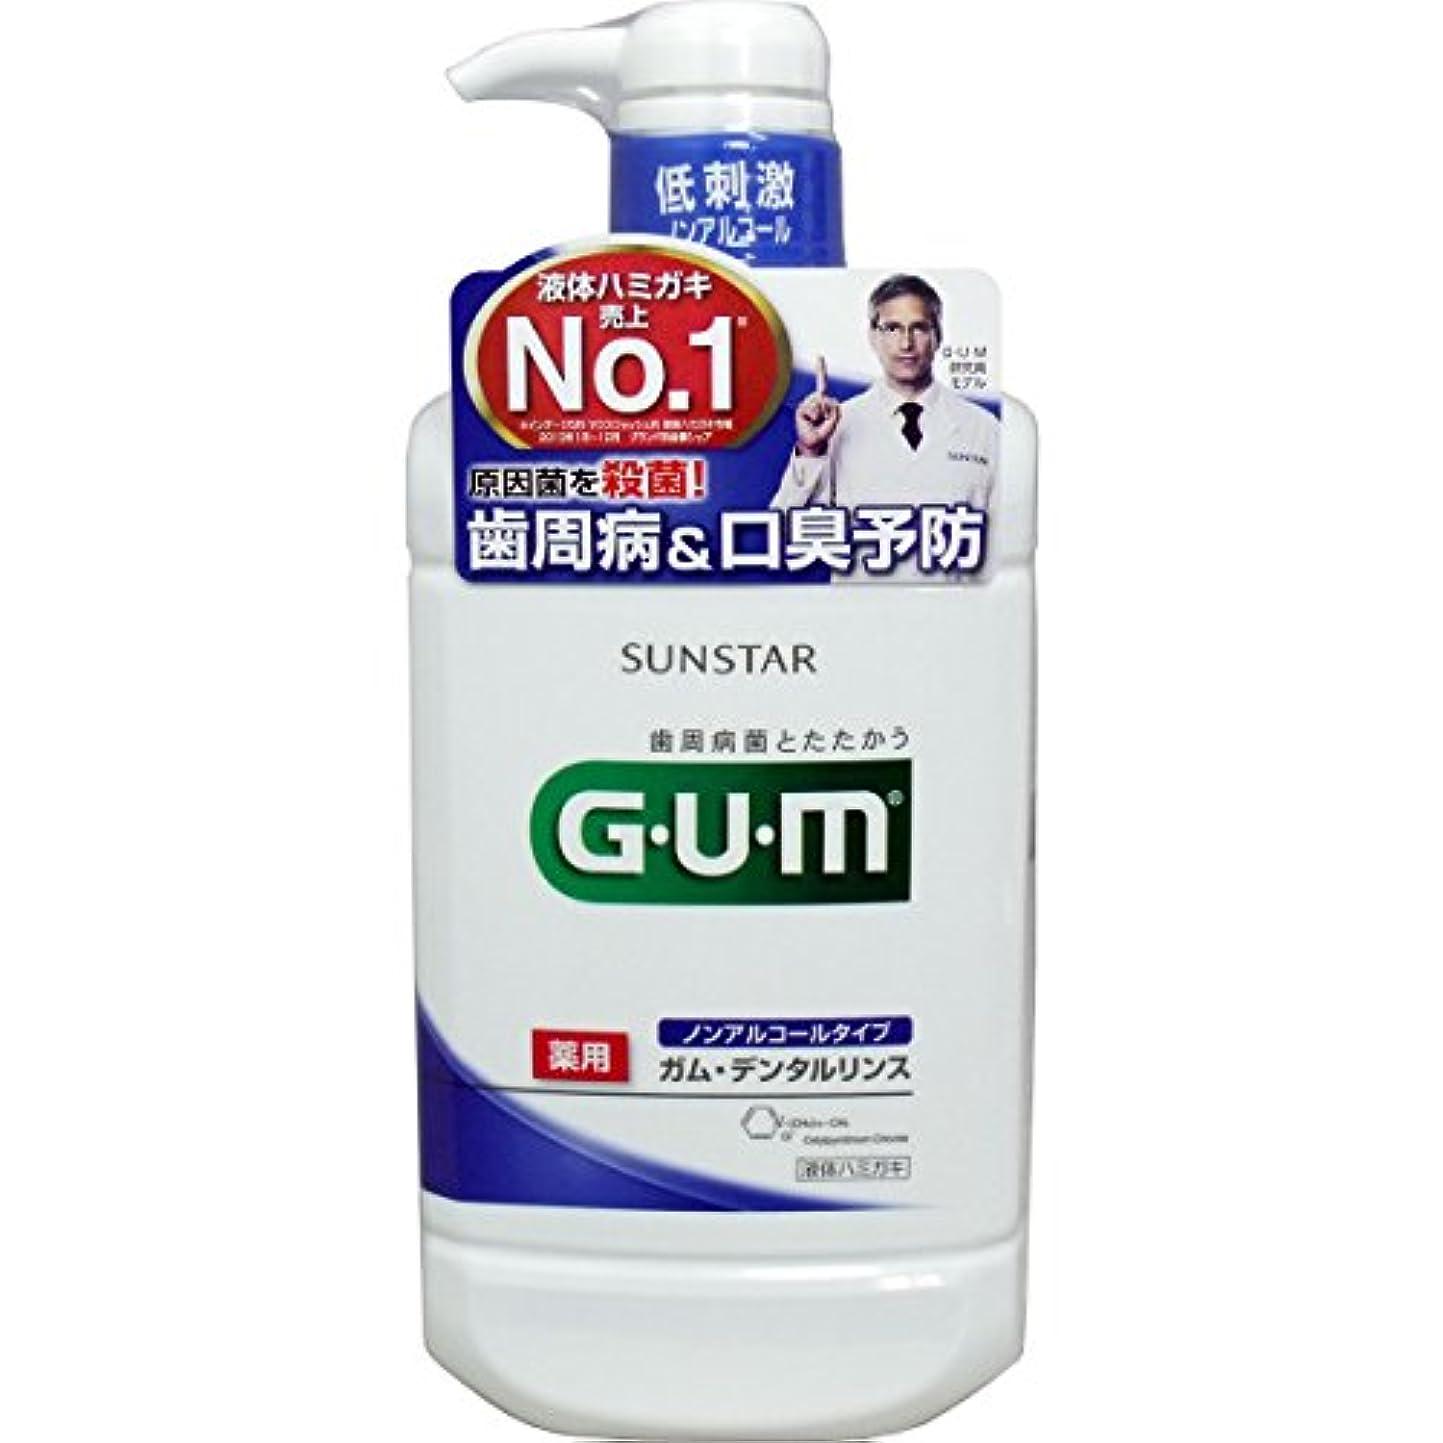 否認する混合した夜歯周病予防 デンタルリンス ハグキの炎症を防ぐ 便利 GUM ガム?デンタルリンス 薬用 ノンアルコールタイプ 960mL【2個セット】